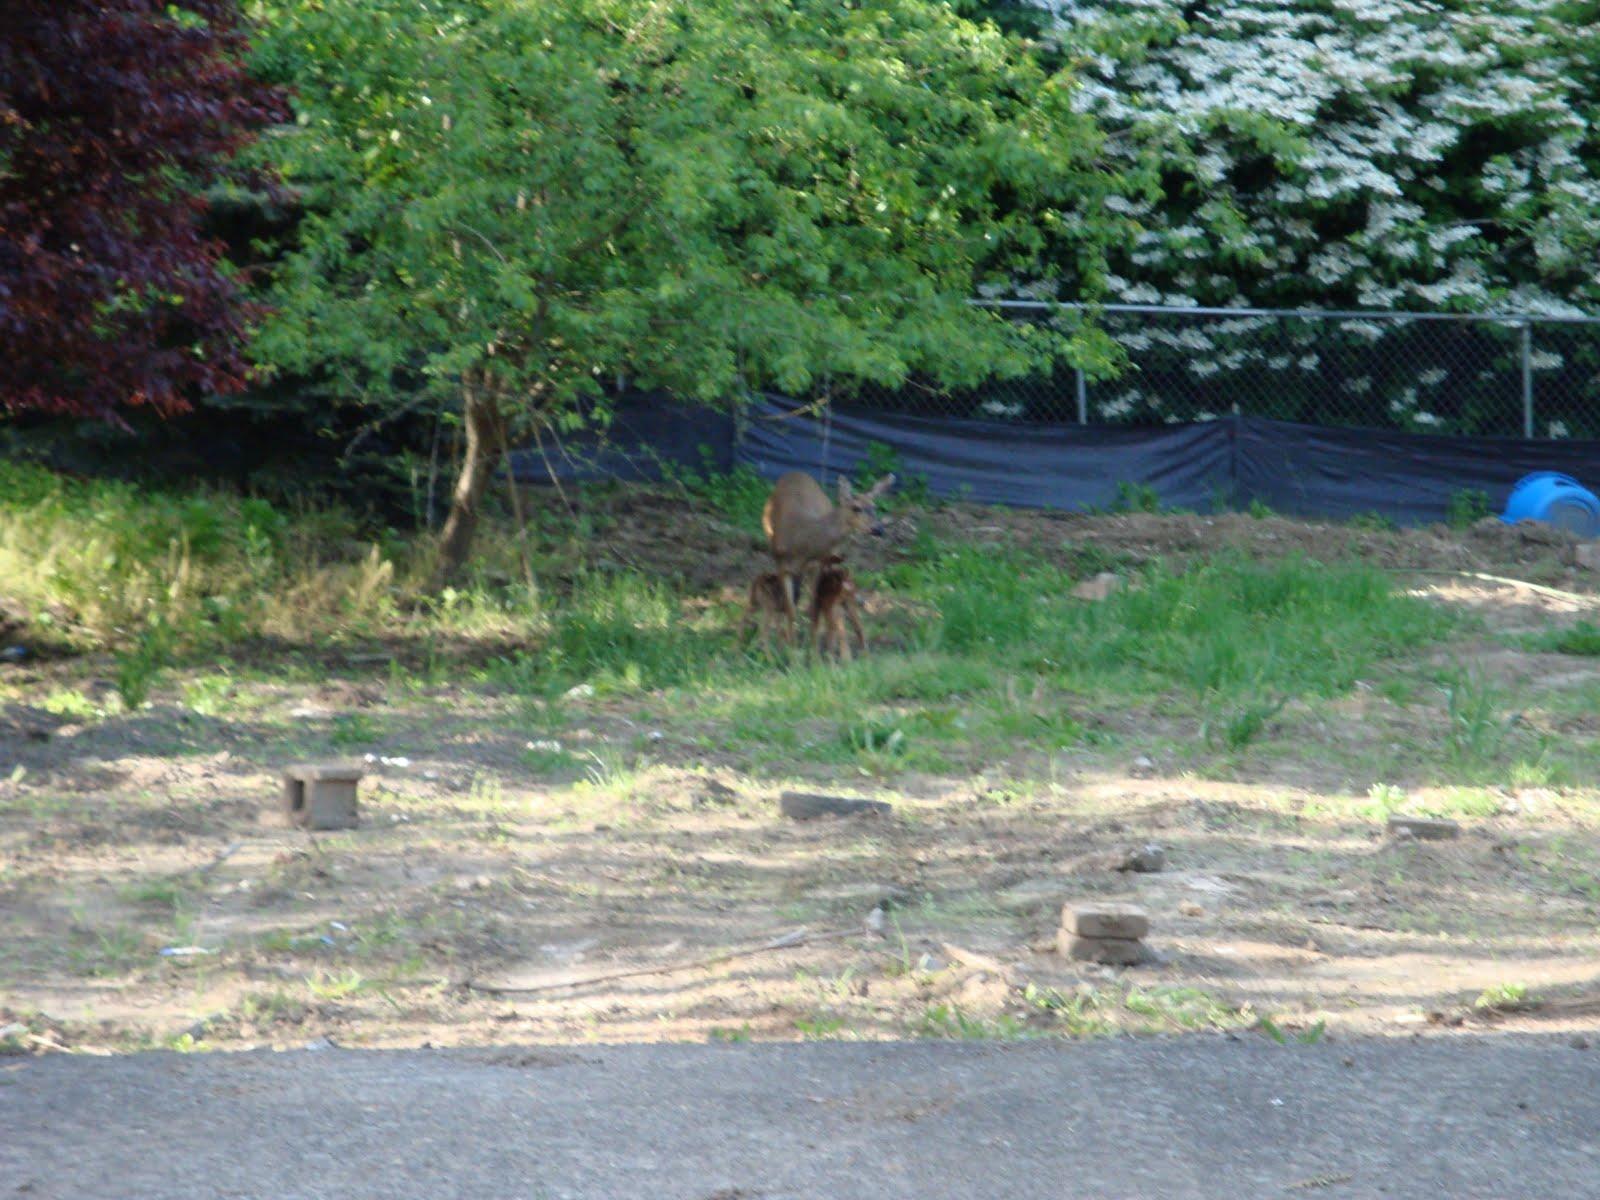 http://1.bp.blogspot.com/_oiygMLs0wko/S_Qpz-YLVEI/AAAAAAAABxo/p9SN-qgT6Gw/s1600/Portland+May+2010+(40).JPG